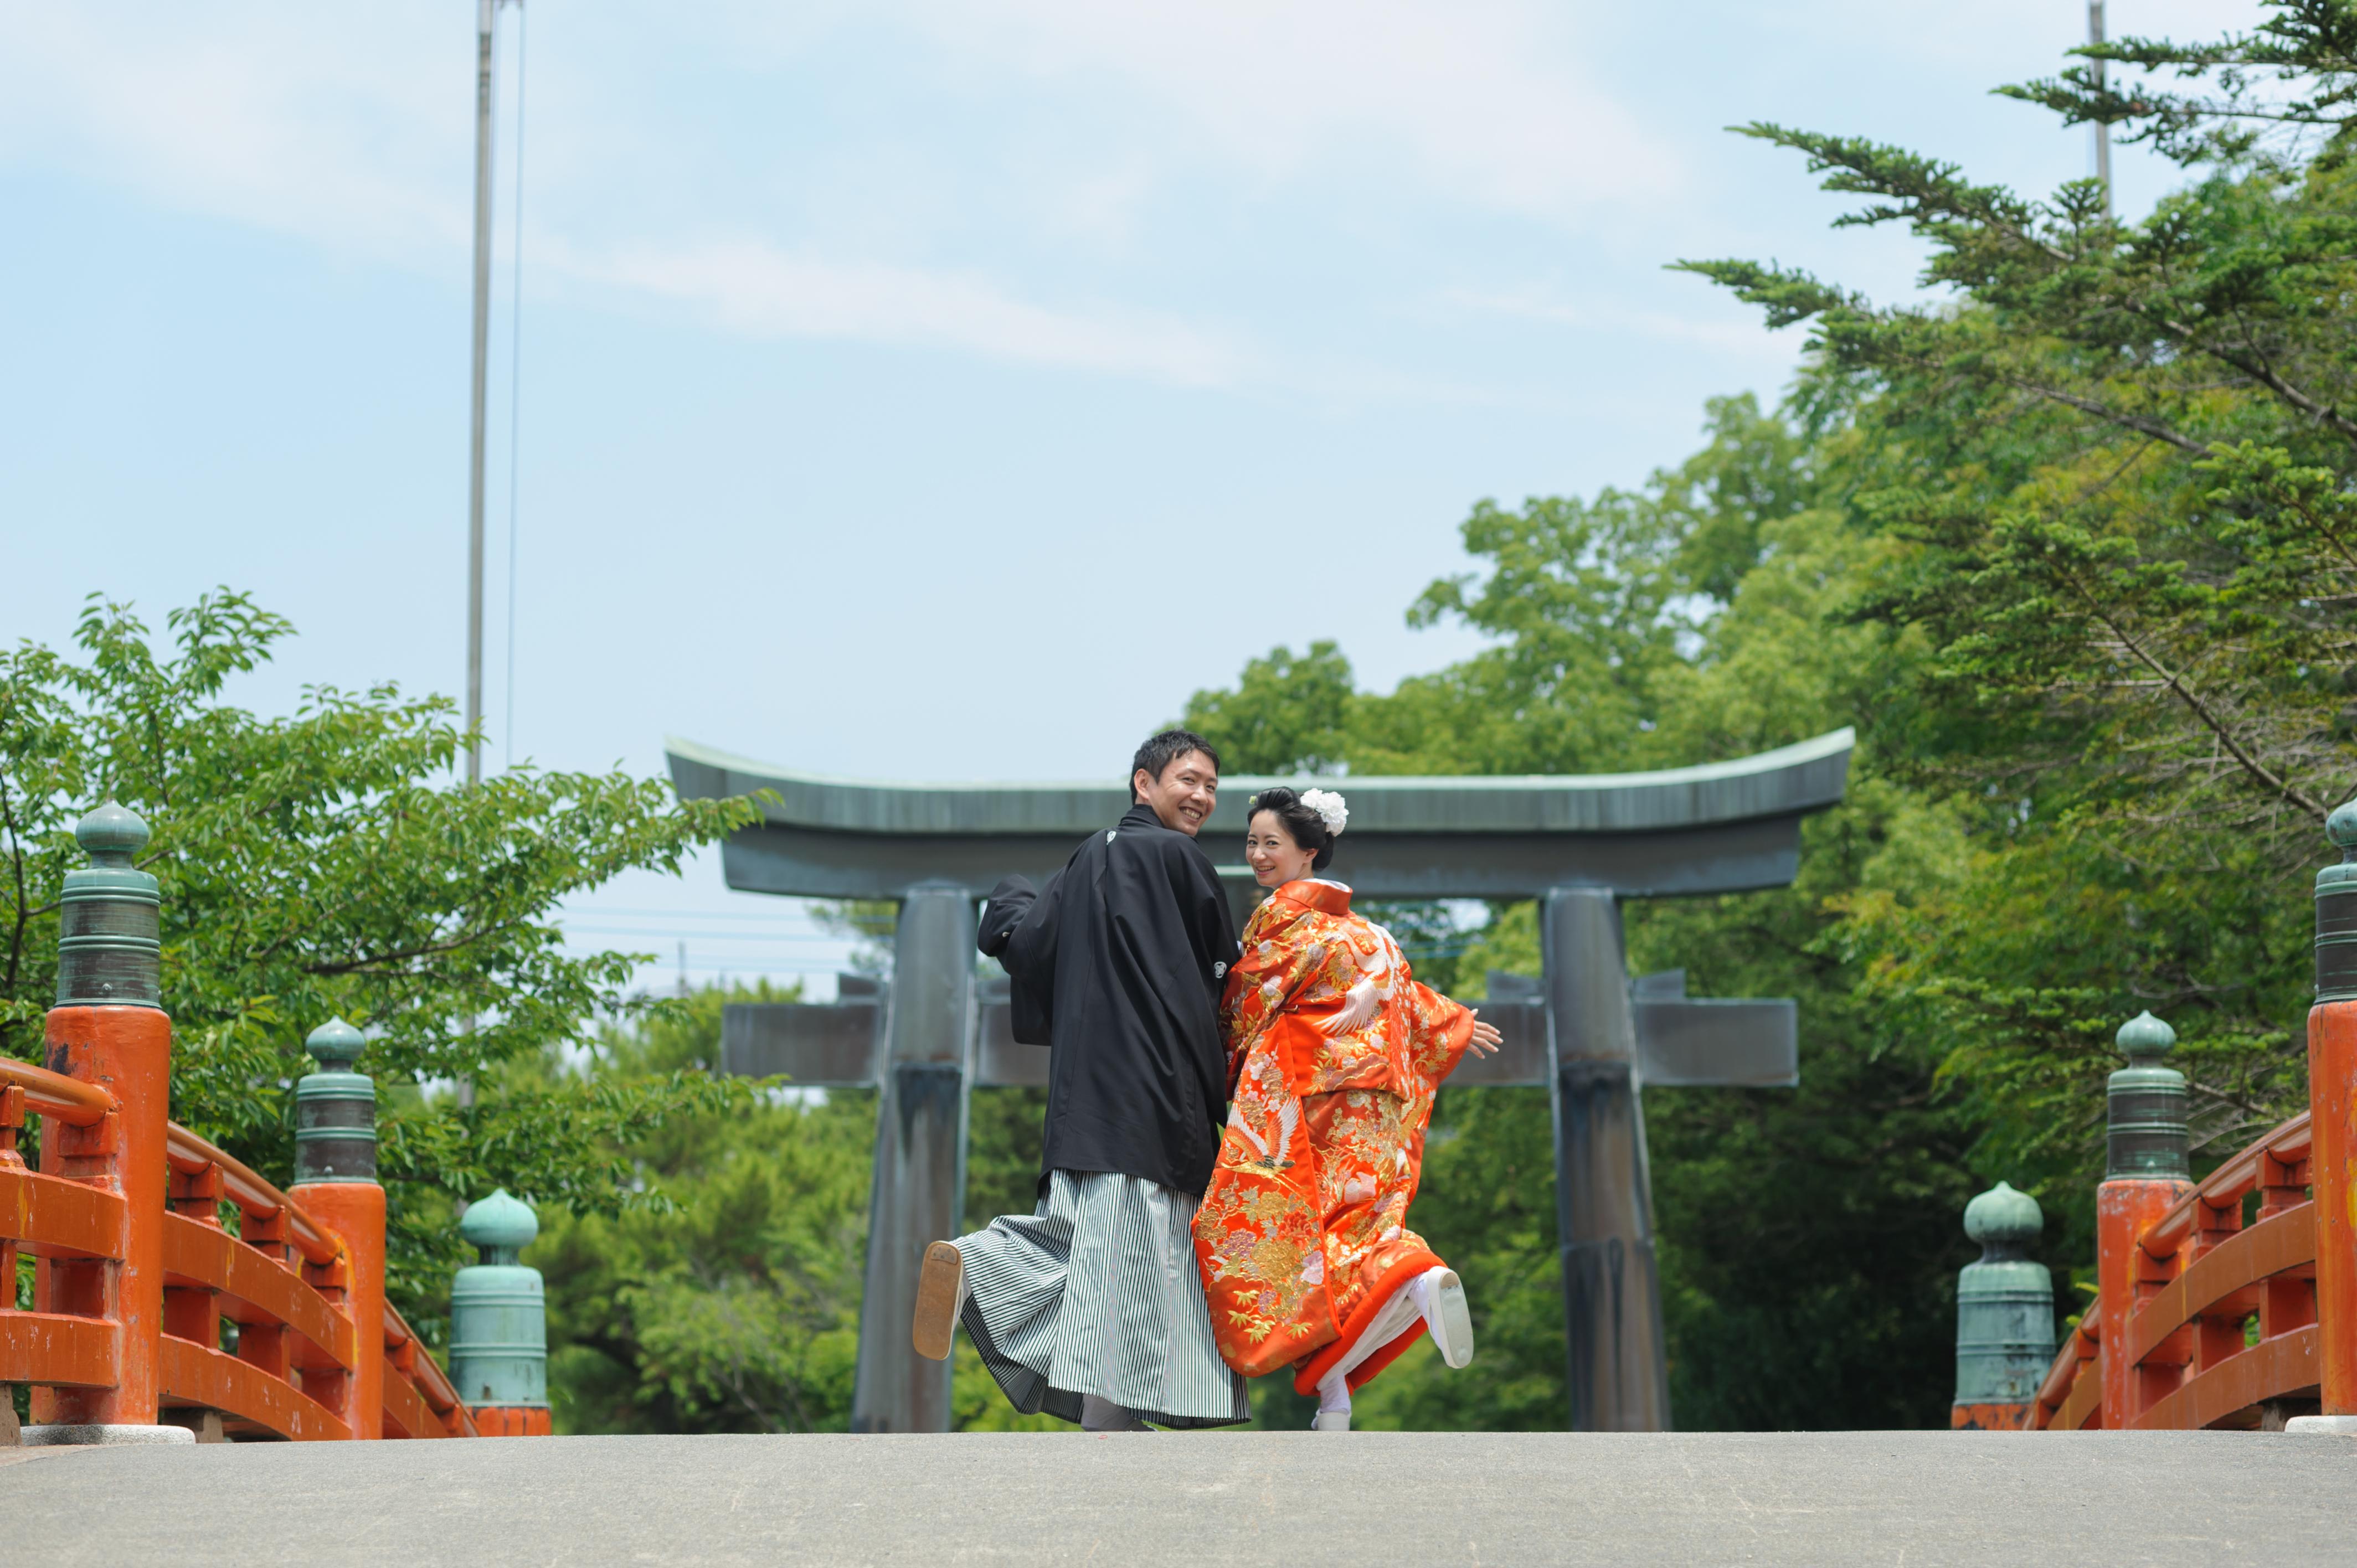 柳川|フォトウェディング・前撮りに人気のロケーションスポット|福岡・九州でフォトウェディング・前撮りならウェディングセレクト!フォトウェディング